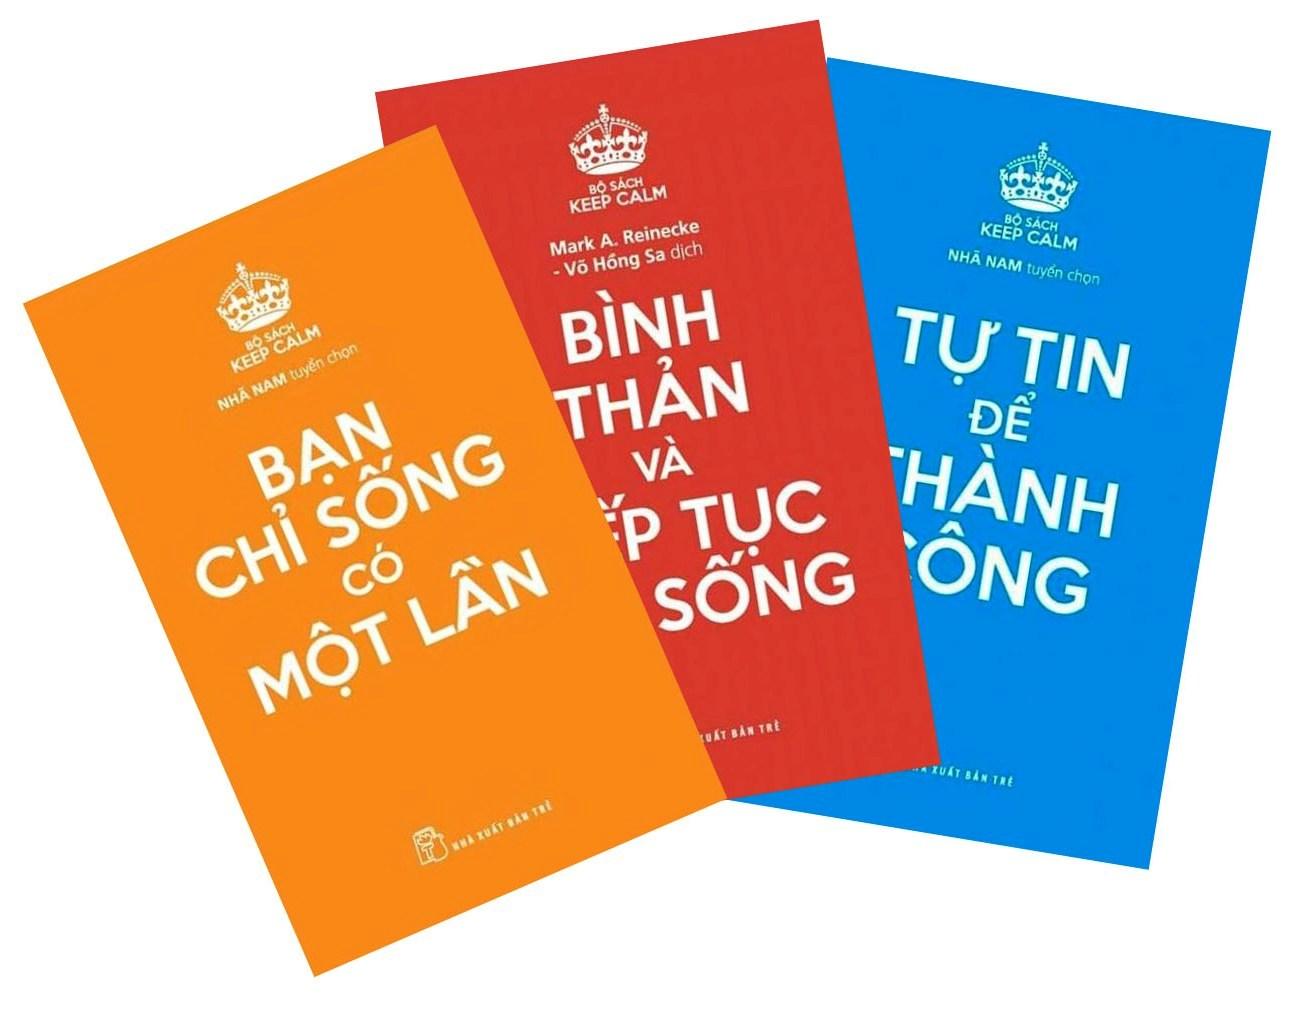 Bộ Sách Keep Calm (Bộ 3 Cuốn) - Sách của Nhã Nam tuyển chọn - GIẢM 20% |  Vinabook.com